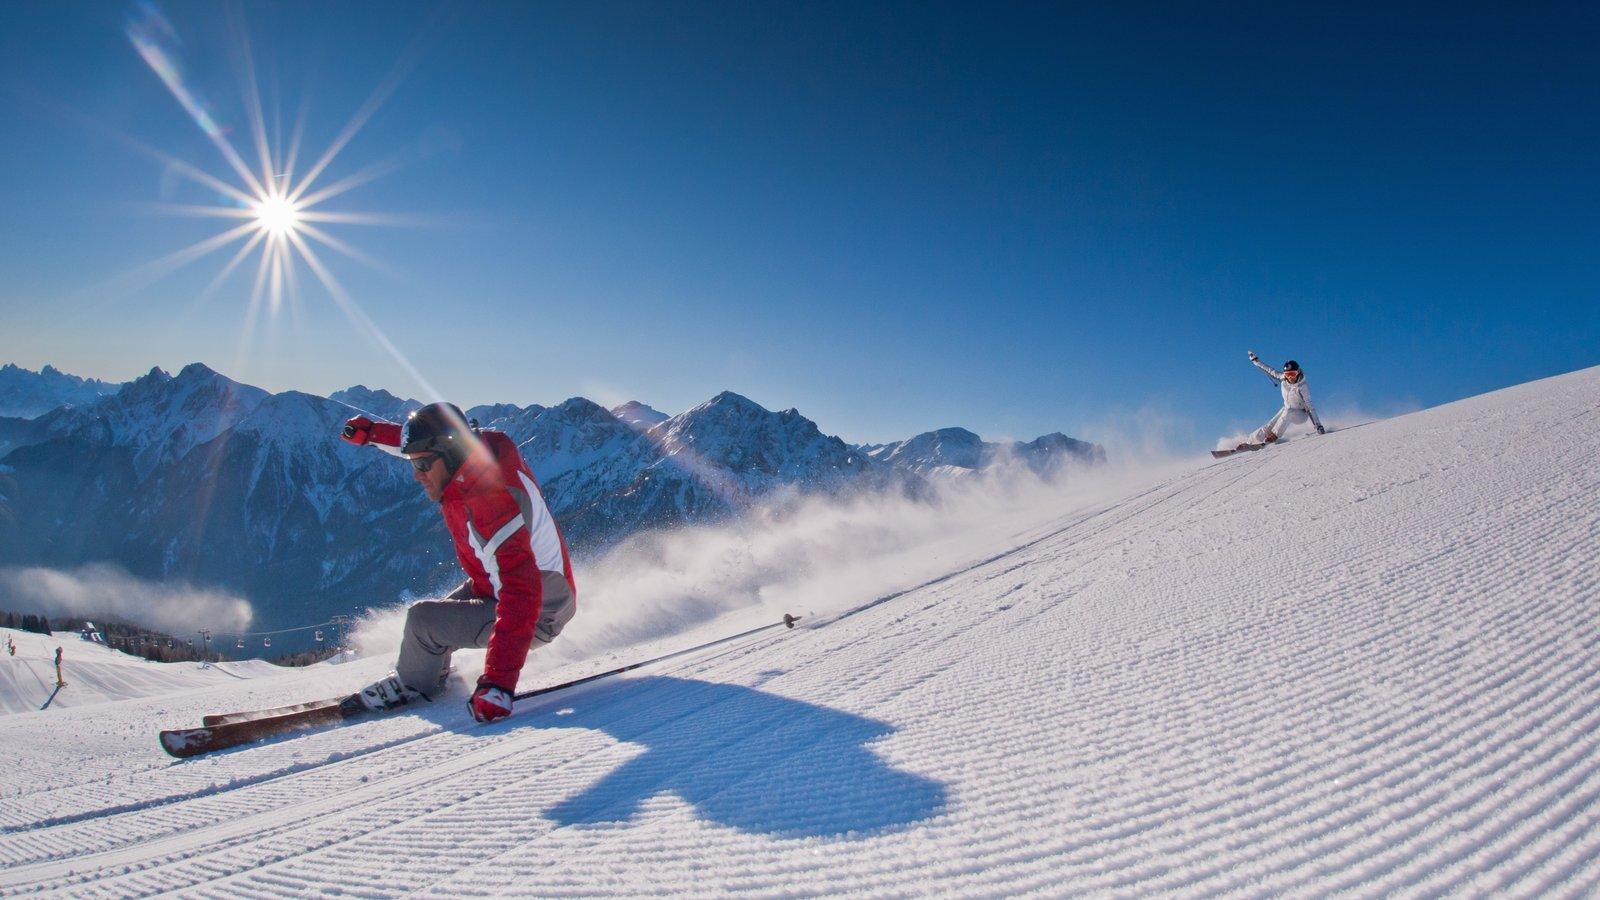 Área de esqui de Kronplatz caracterizando neve e esqui na neve assim como um pequeno grupo de pessoas